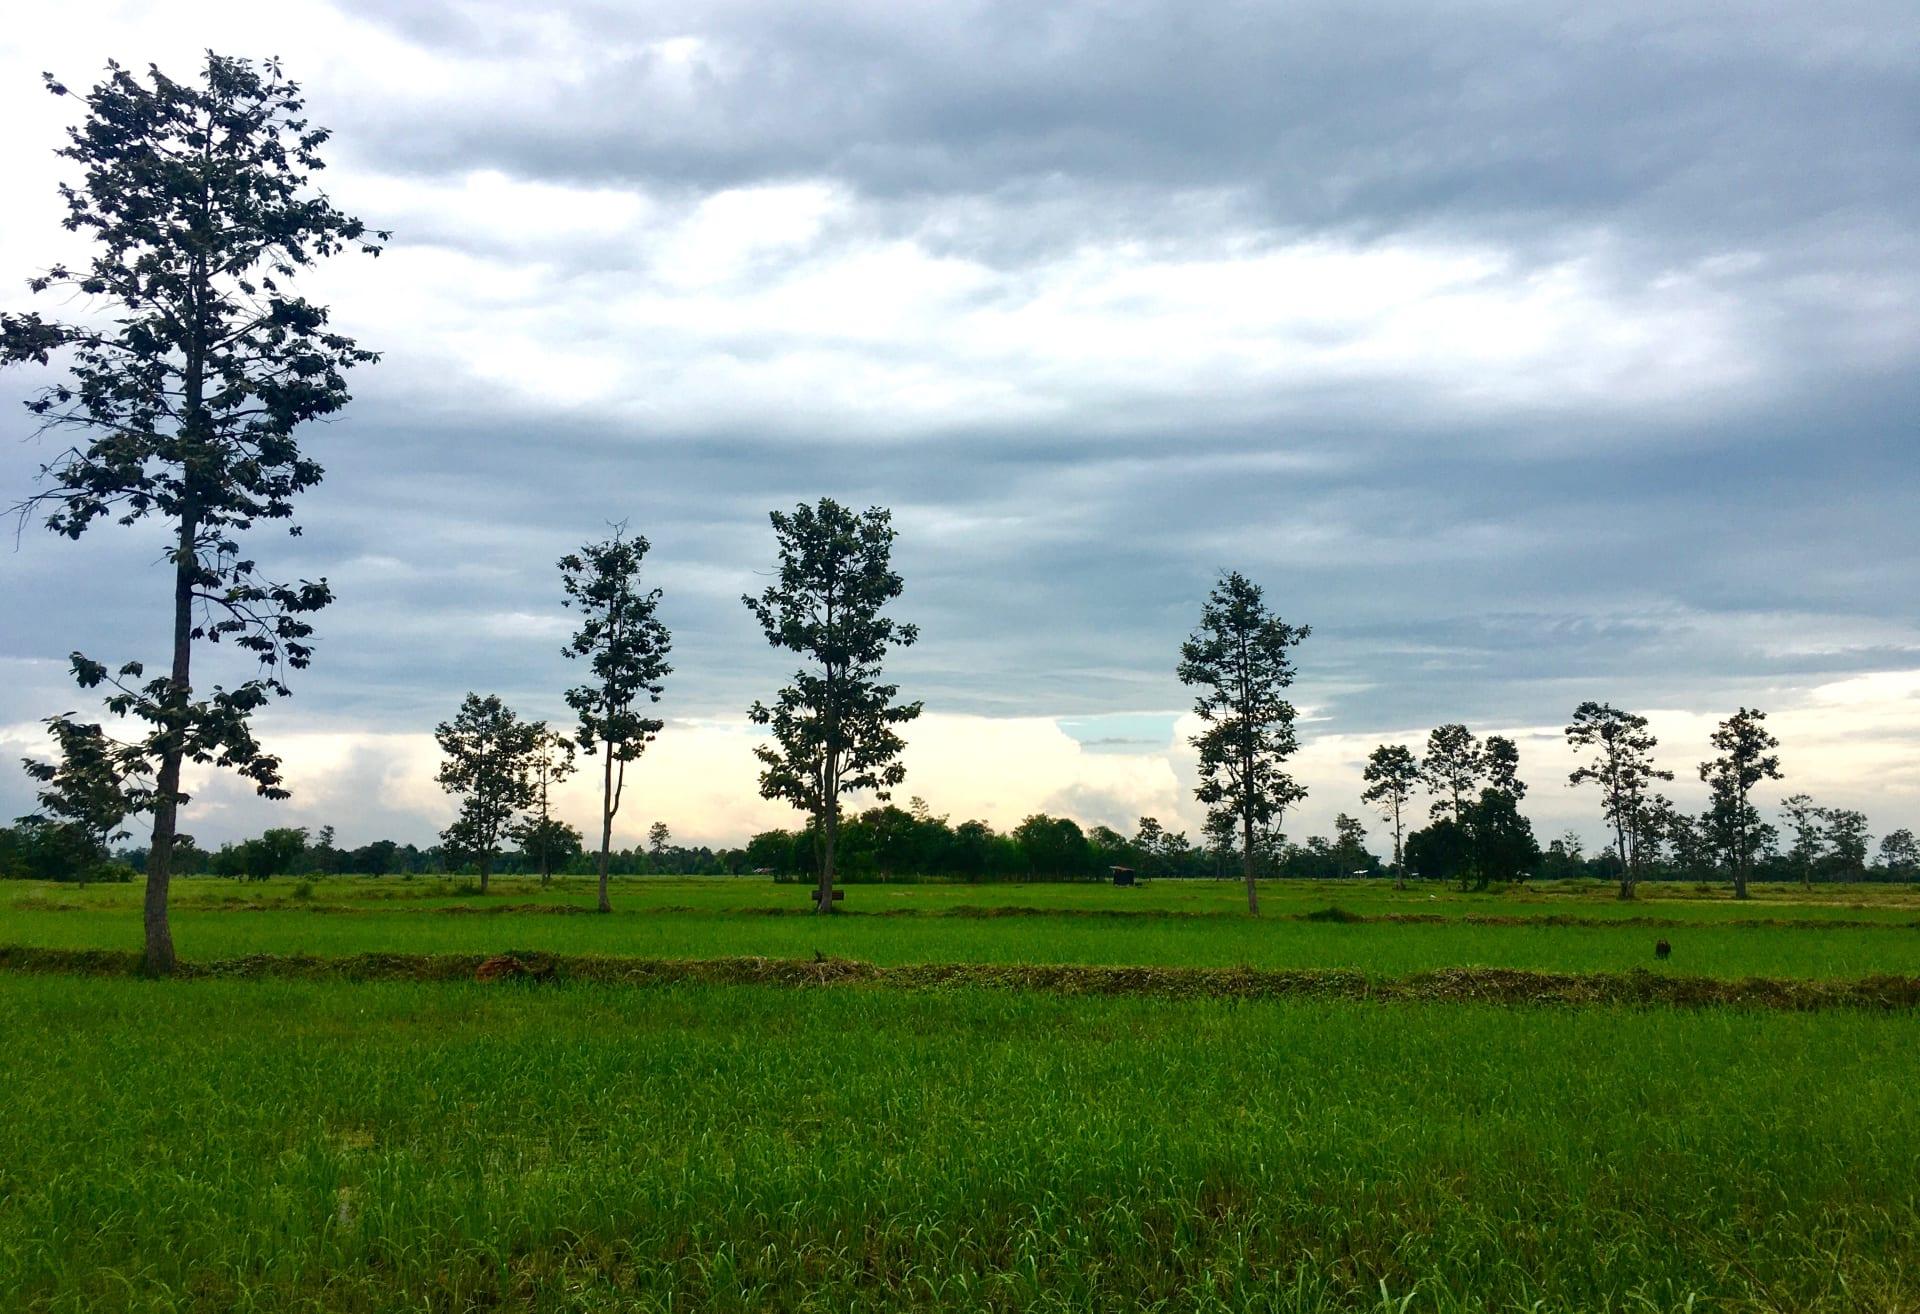 الطريق إلى يسان.. البحث عن الحياة الطبيعية في شمال شرق تايلاند